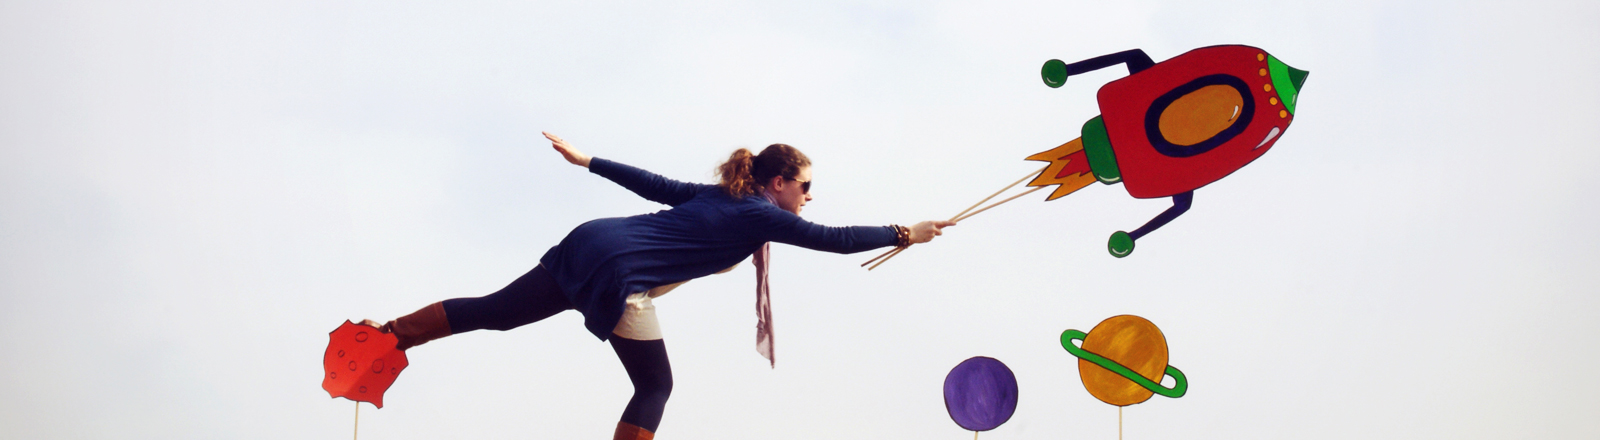 Eine Frau steht auf einem Bein. Sie hält mit der rechten Hand eine gebastelte Rakete.